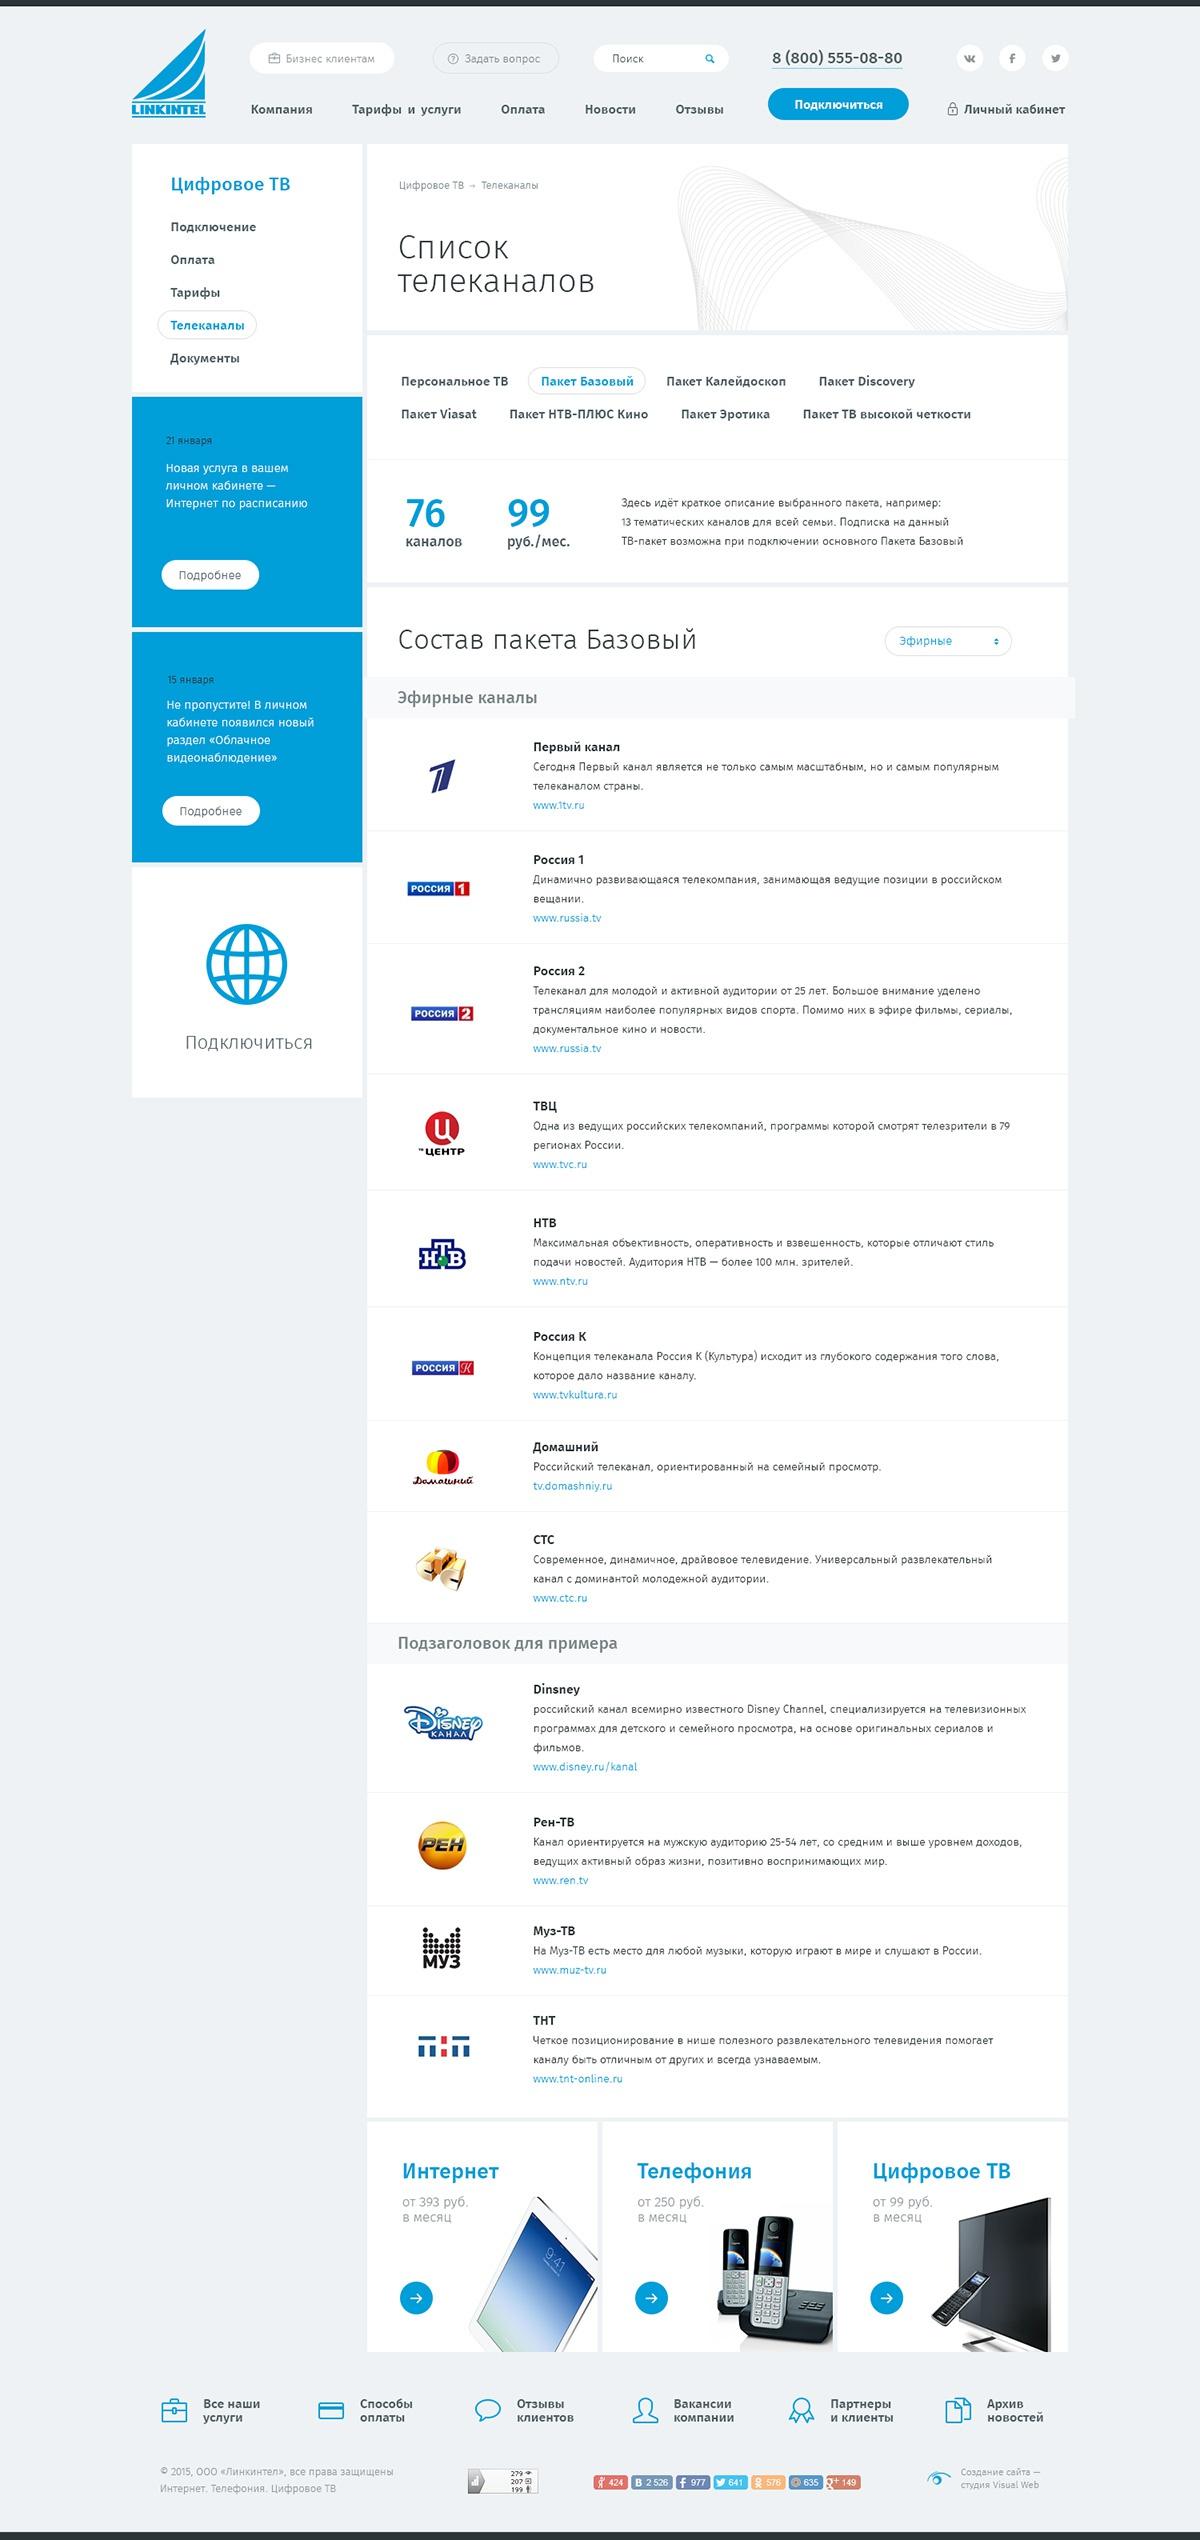 Список телеканалов собрали аккуратно на этой странице